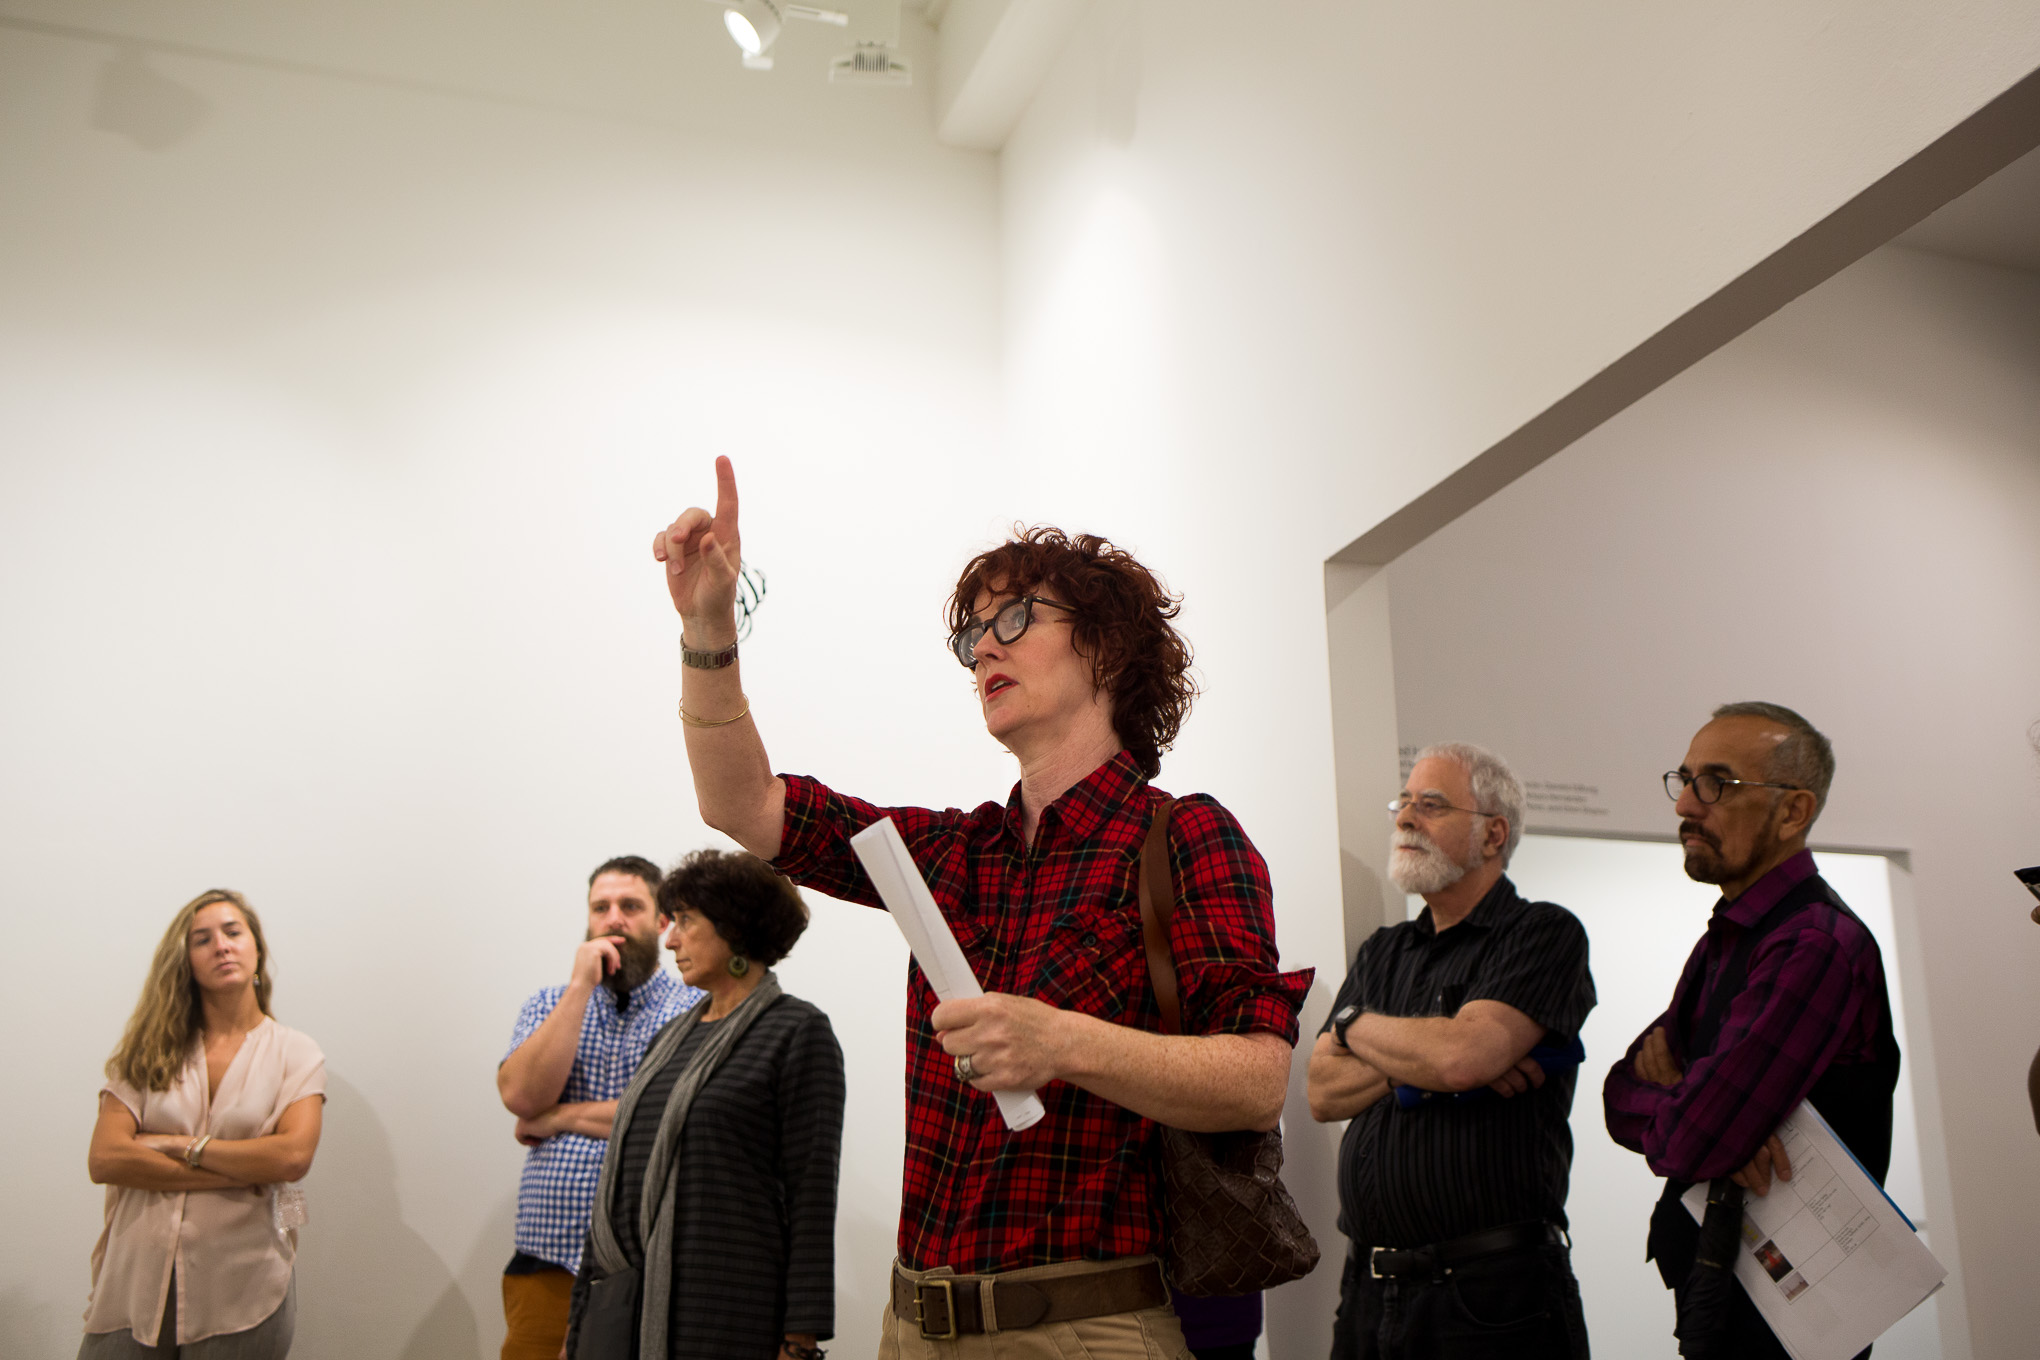 Artist Leigh Anne Lester explains her work.